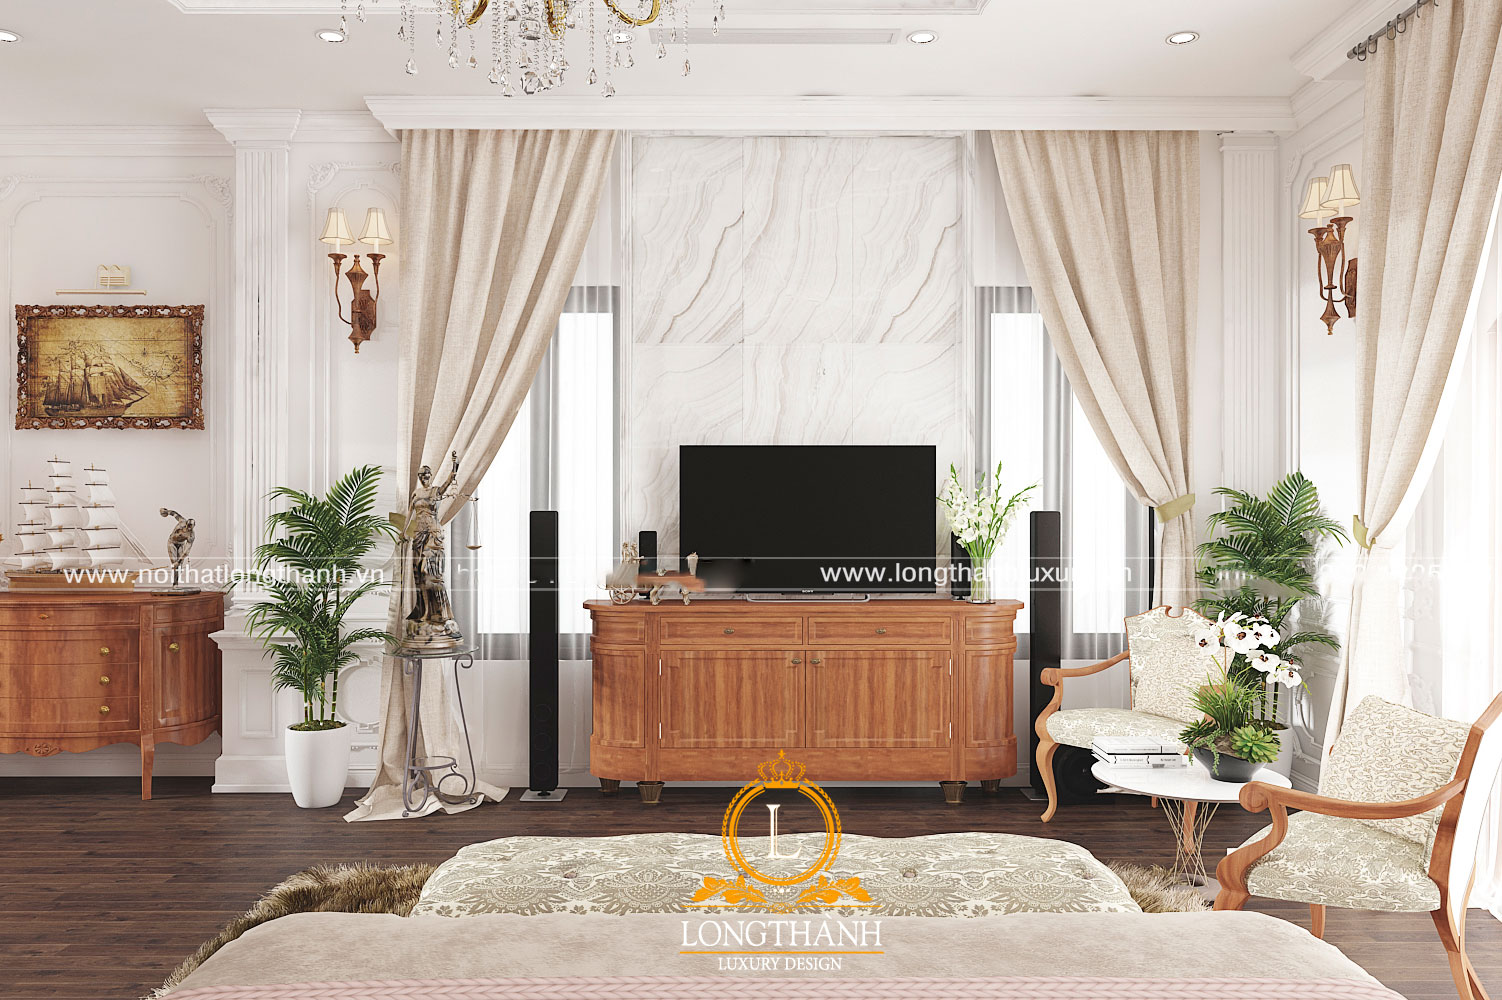 Thiết kế kệ tivi phòng ngủ cần tuân thủ theo một số các yêu cầu để đảm bảo sự tiện lợi và phong thủy